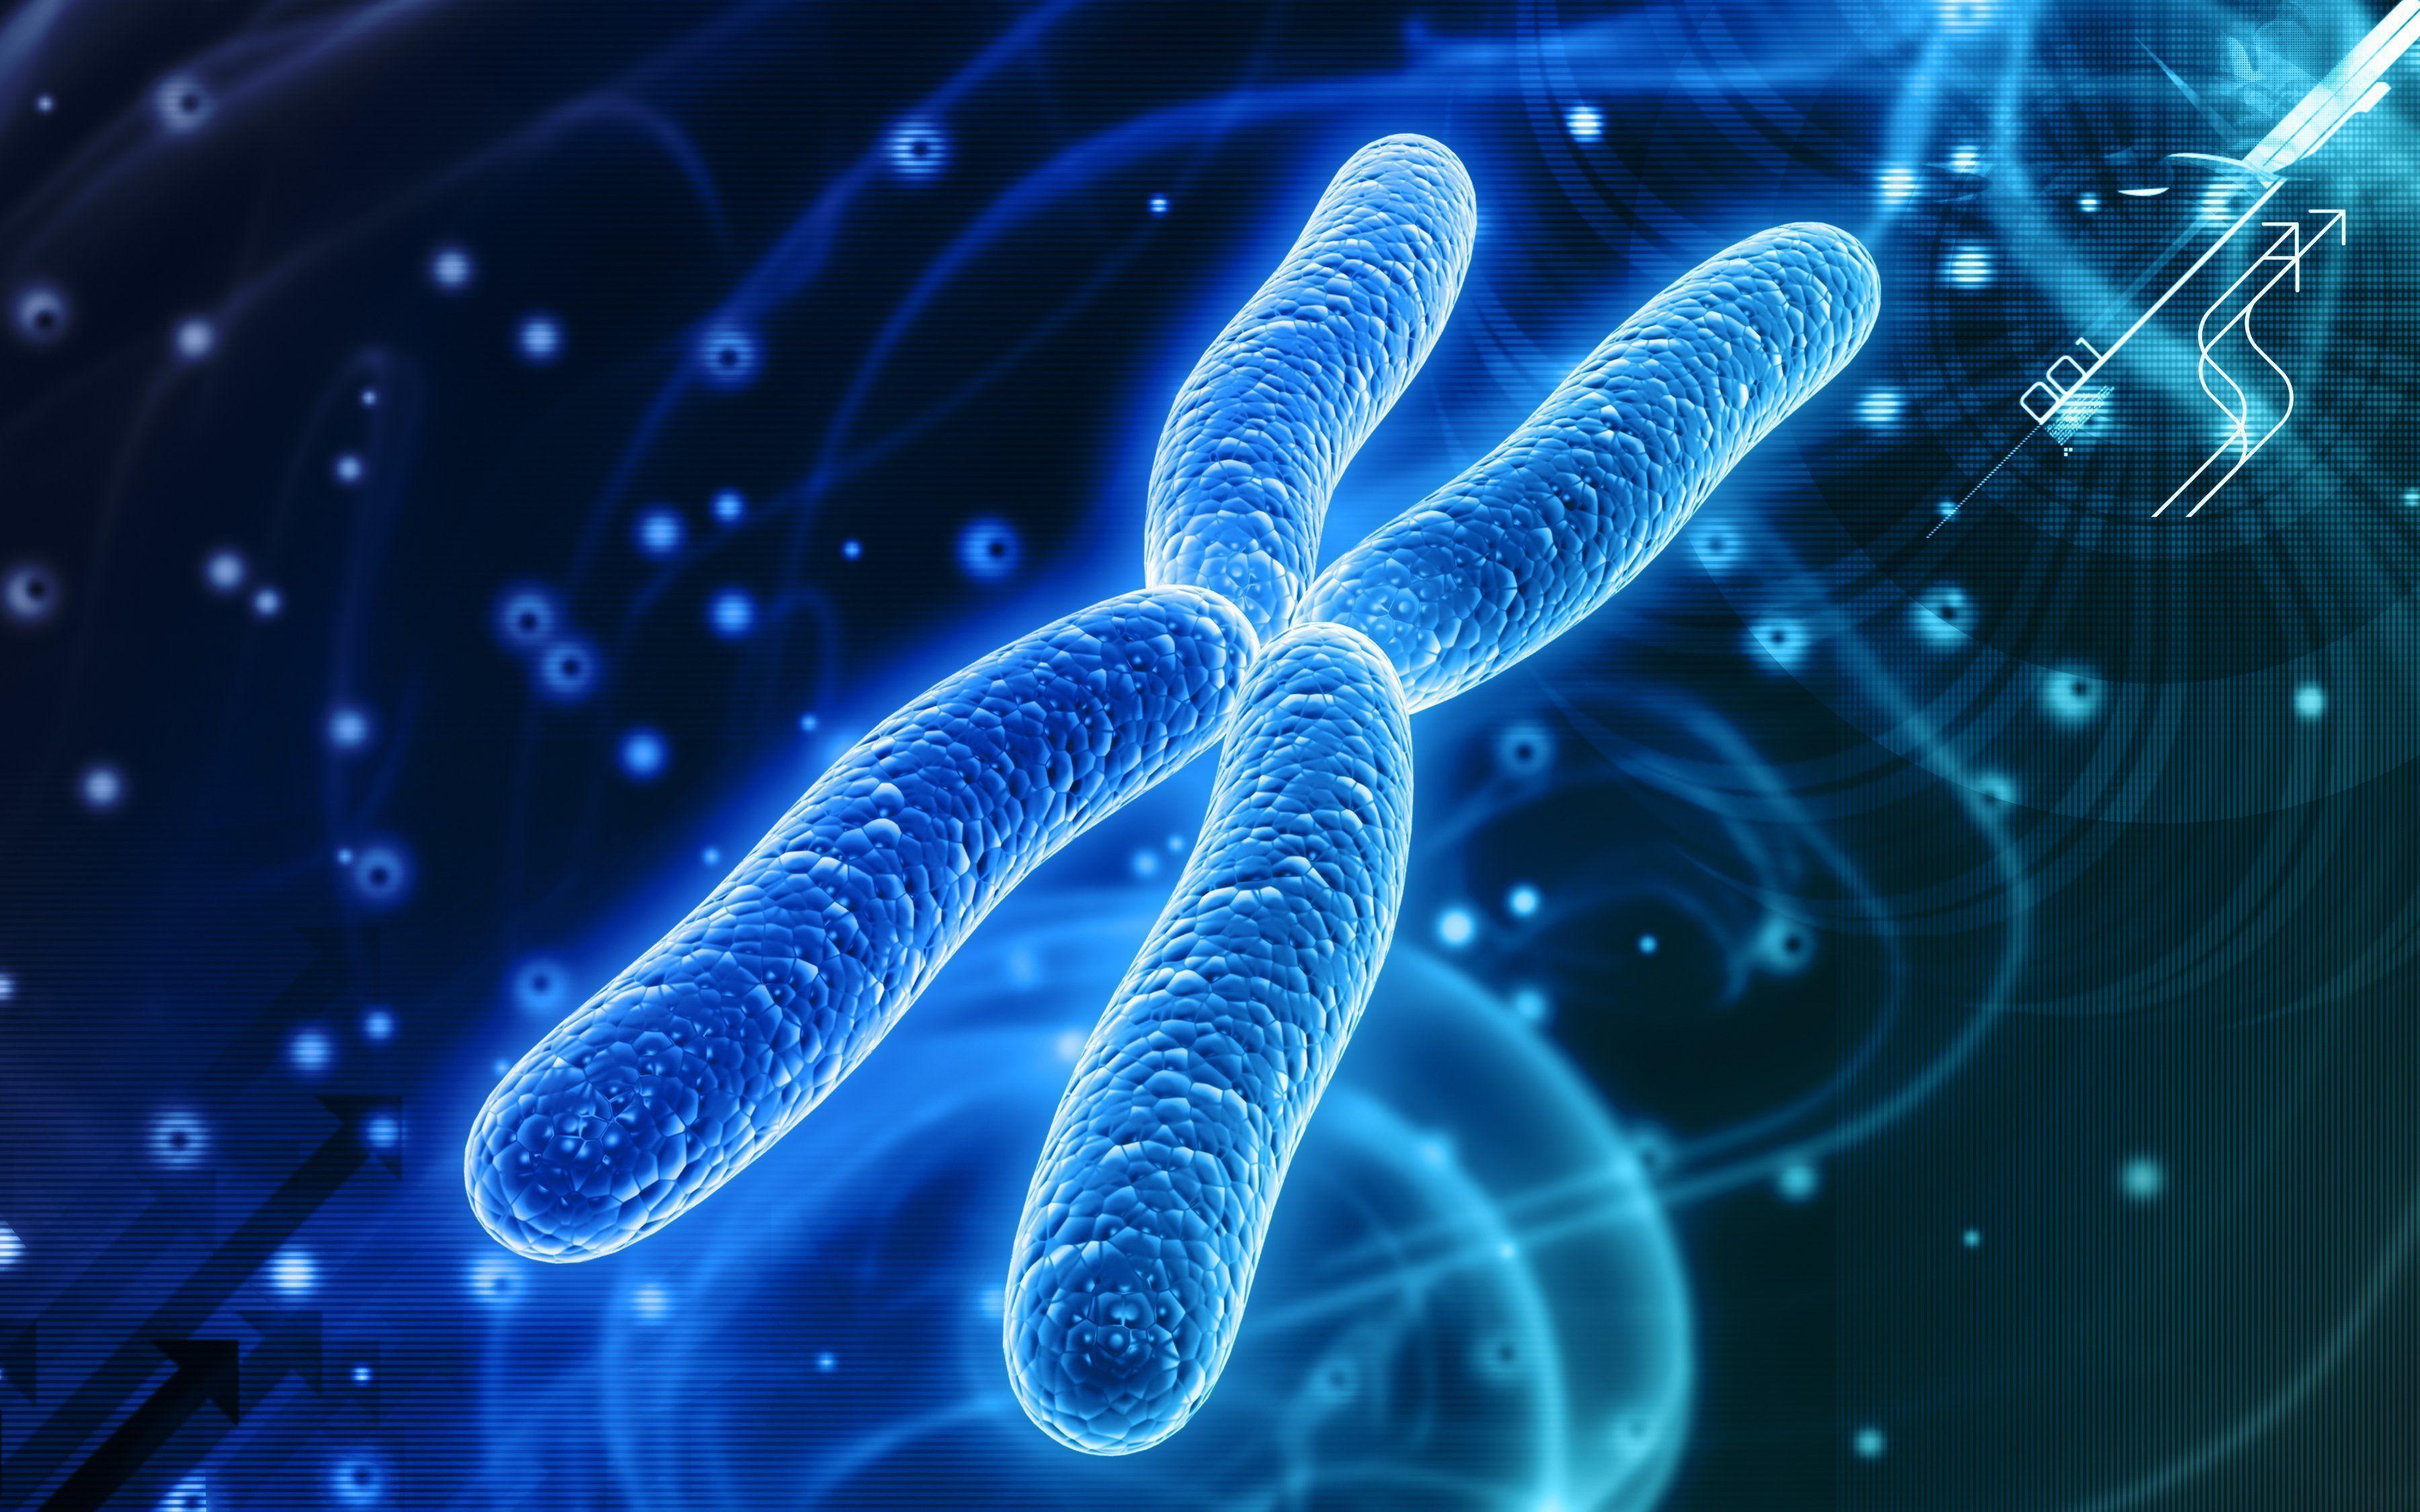 Qué son cromosomas